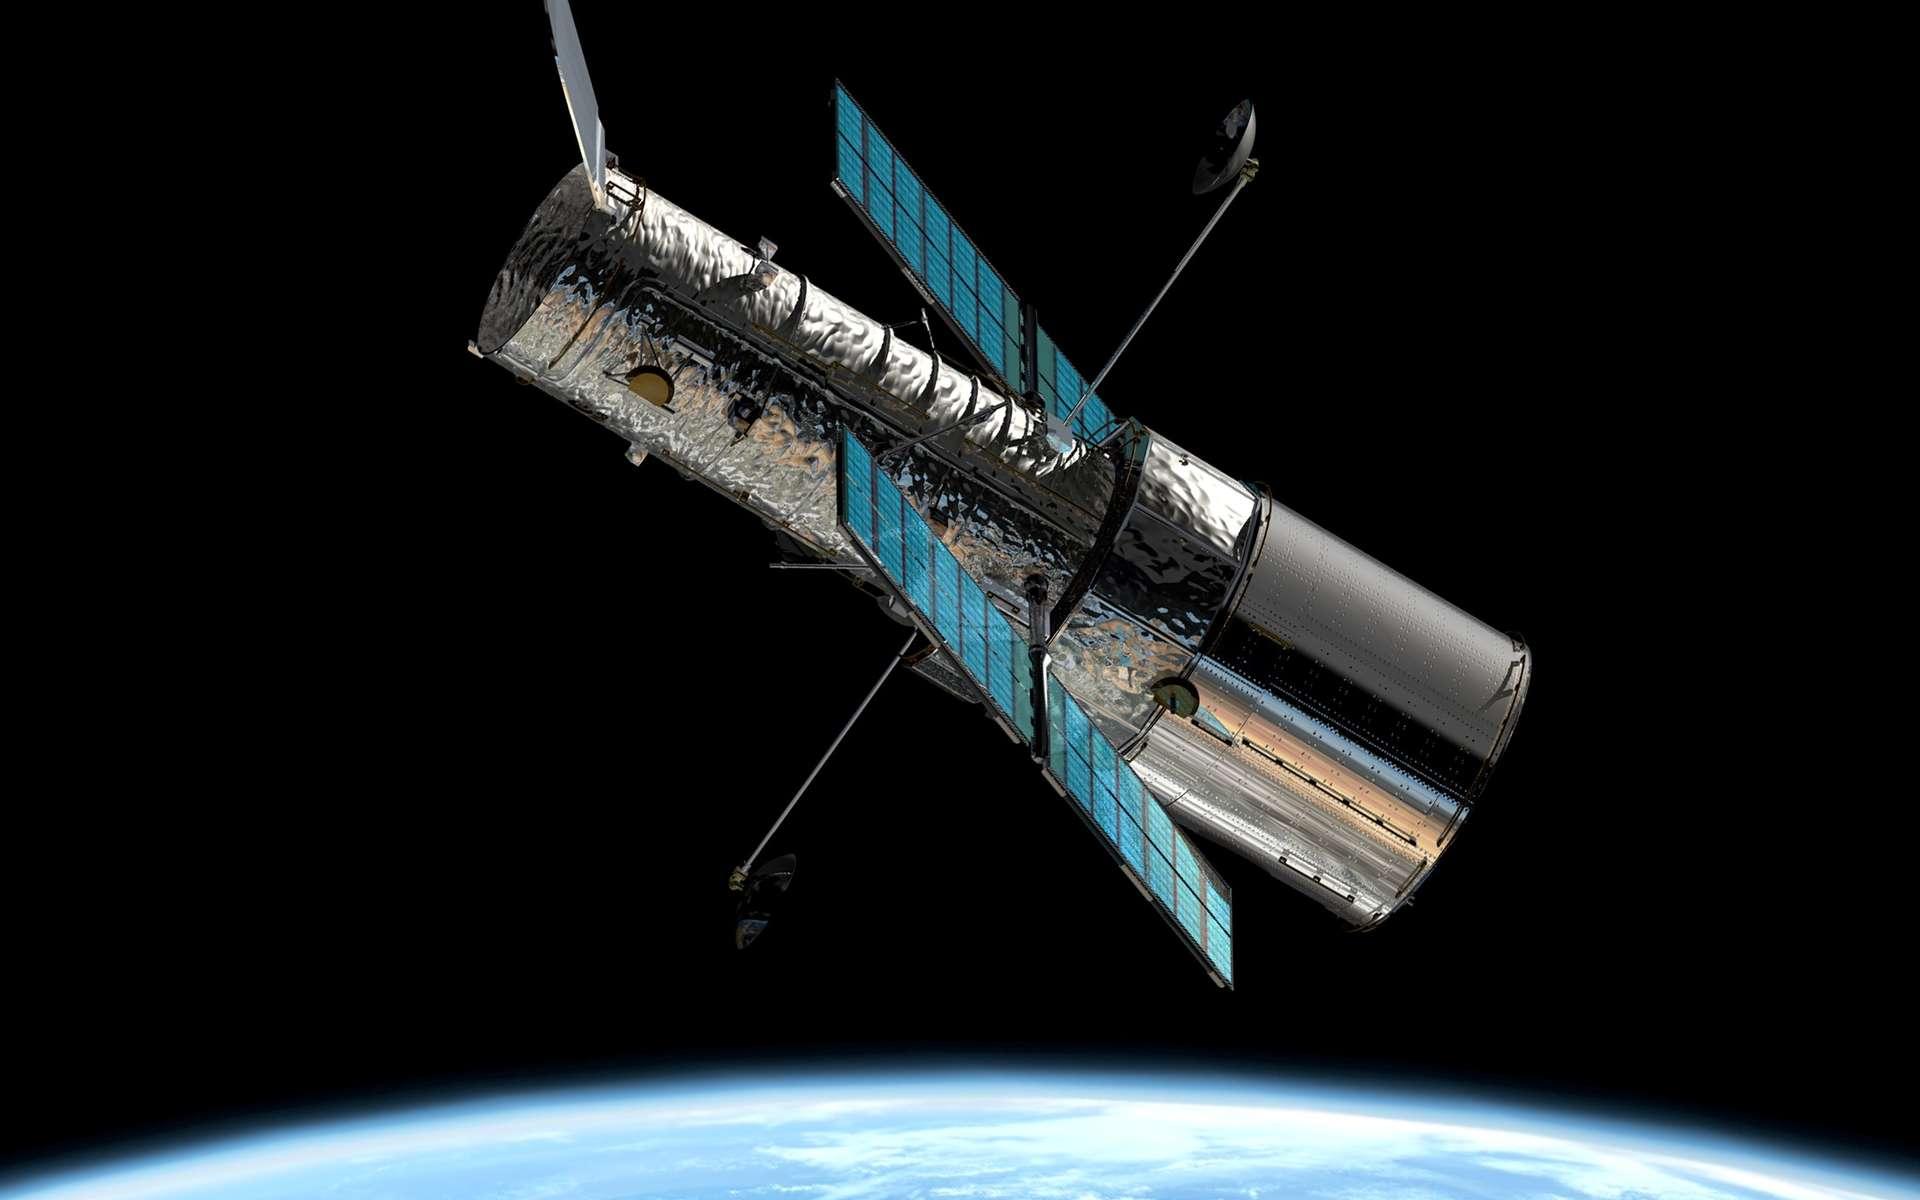 Une vue du télescope Hubble en orbite, l'un des instruments utilisés pour déterminer la nature de l'énergie noire en étudiant les supernovae SN Ia © Nasa